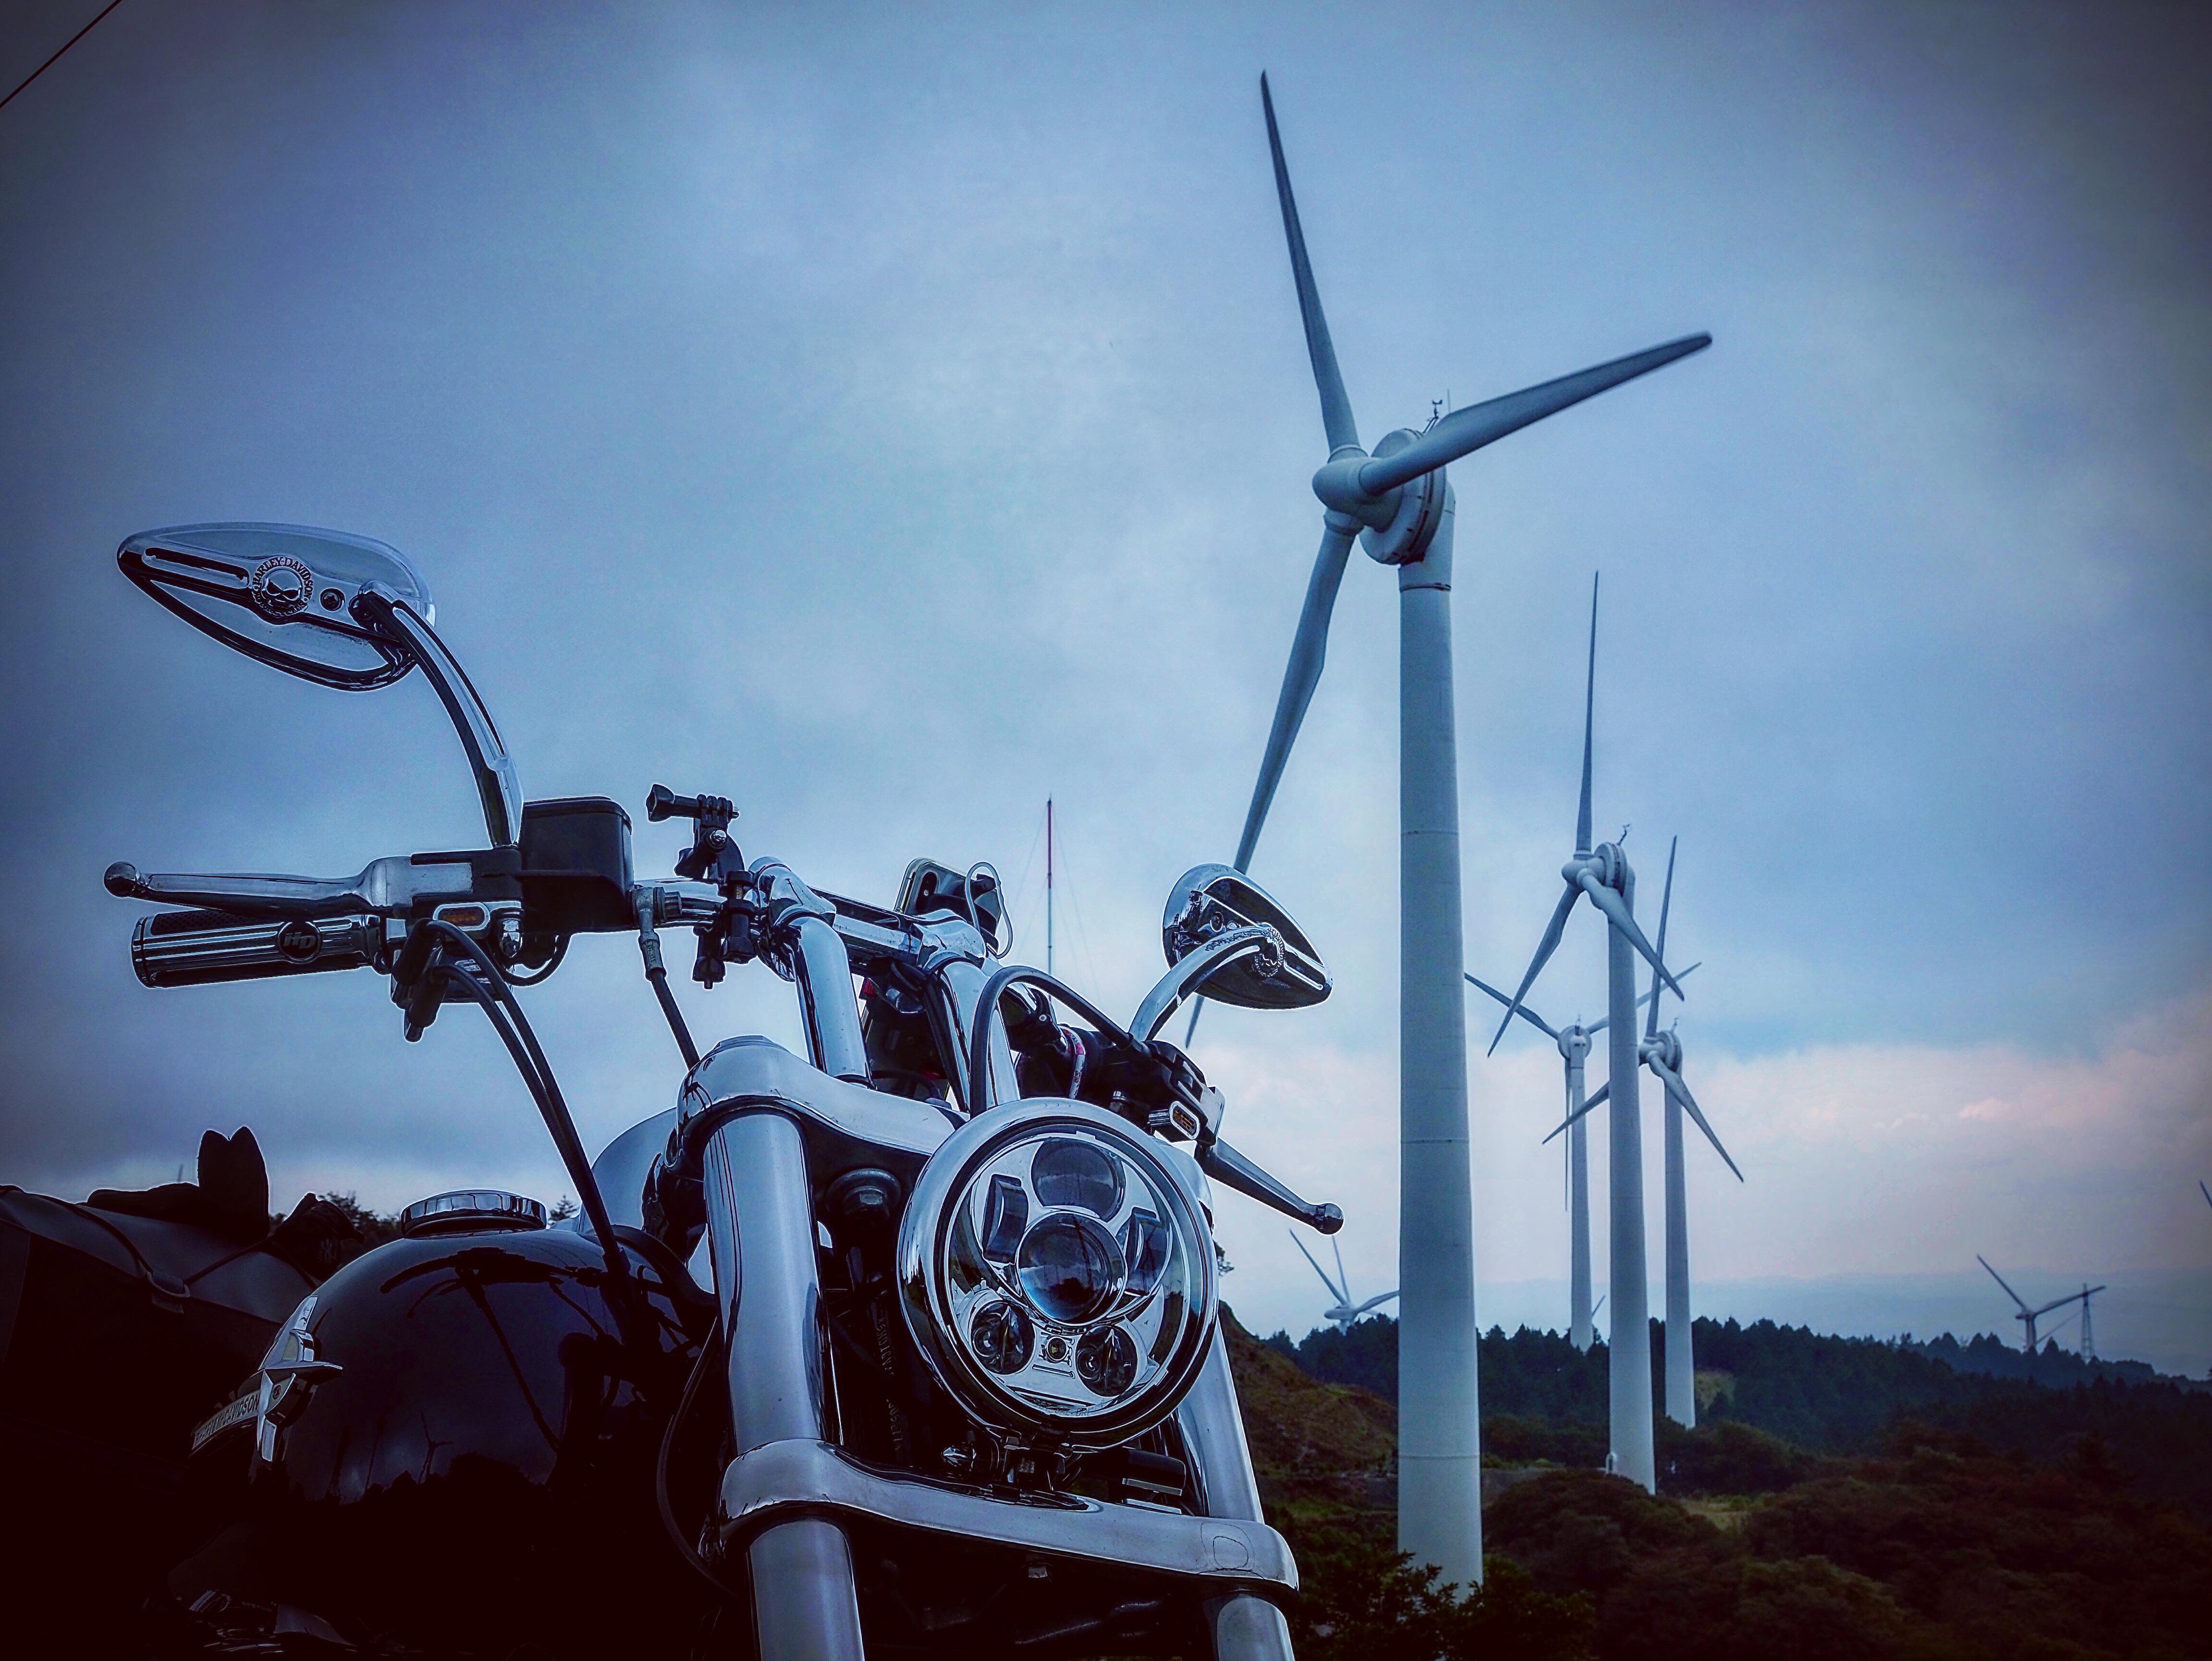 ぴーきちハーレーブログ 青山高原 風力発電 インスタ映え スポット 不気味 怖い